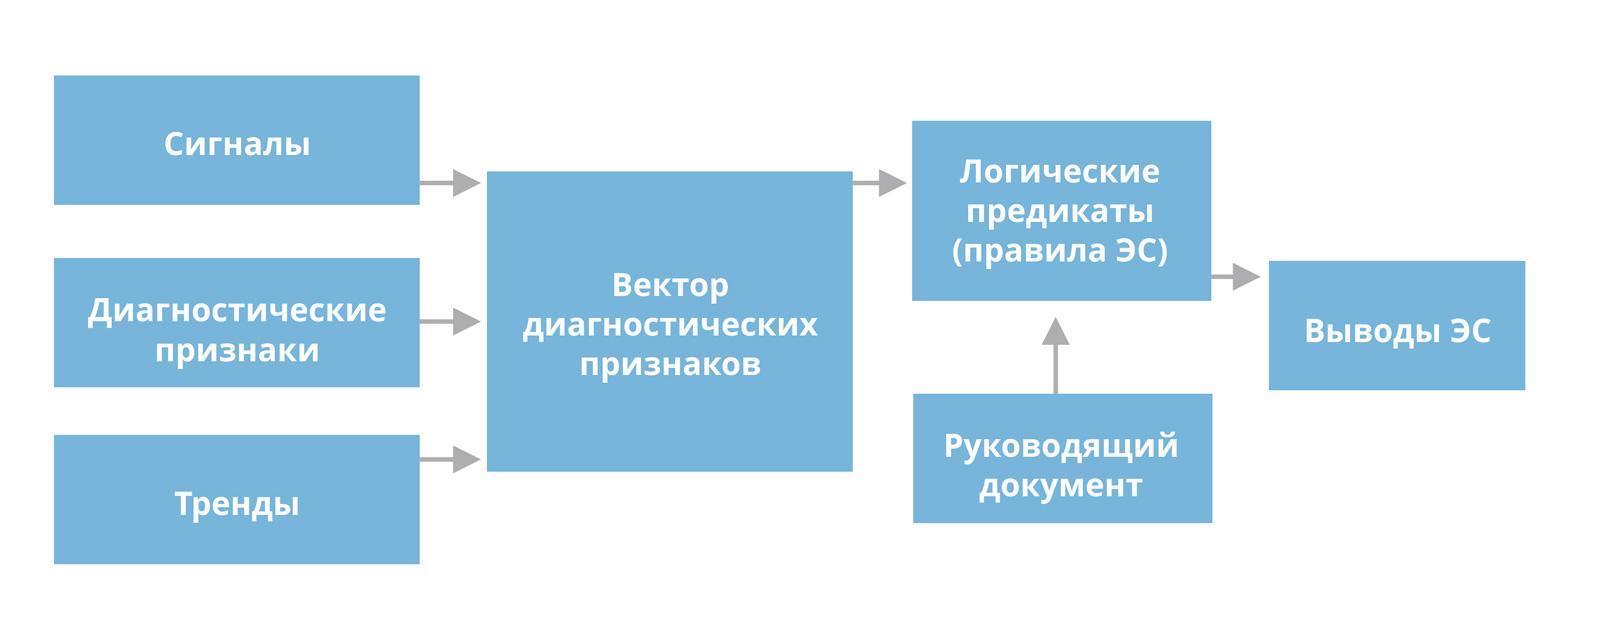 выводов экспертной системы